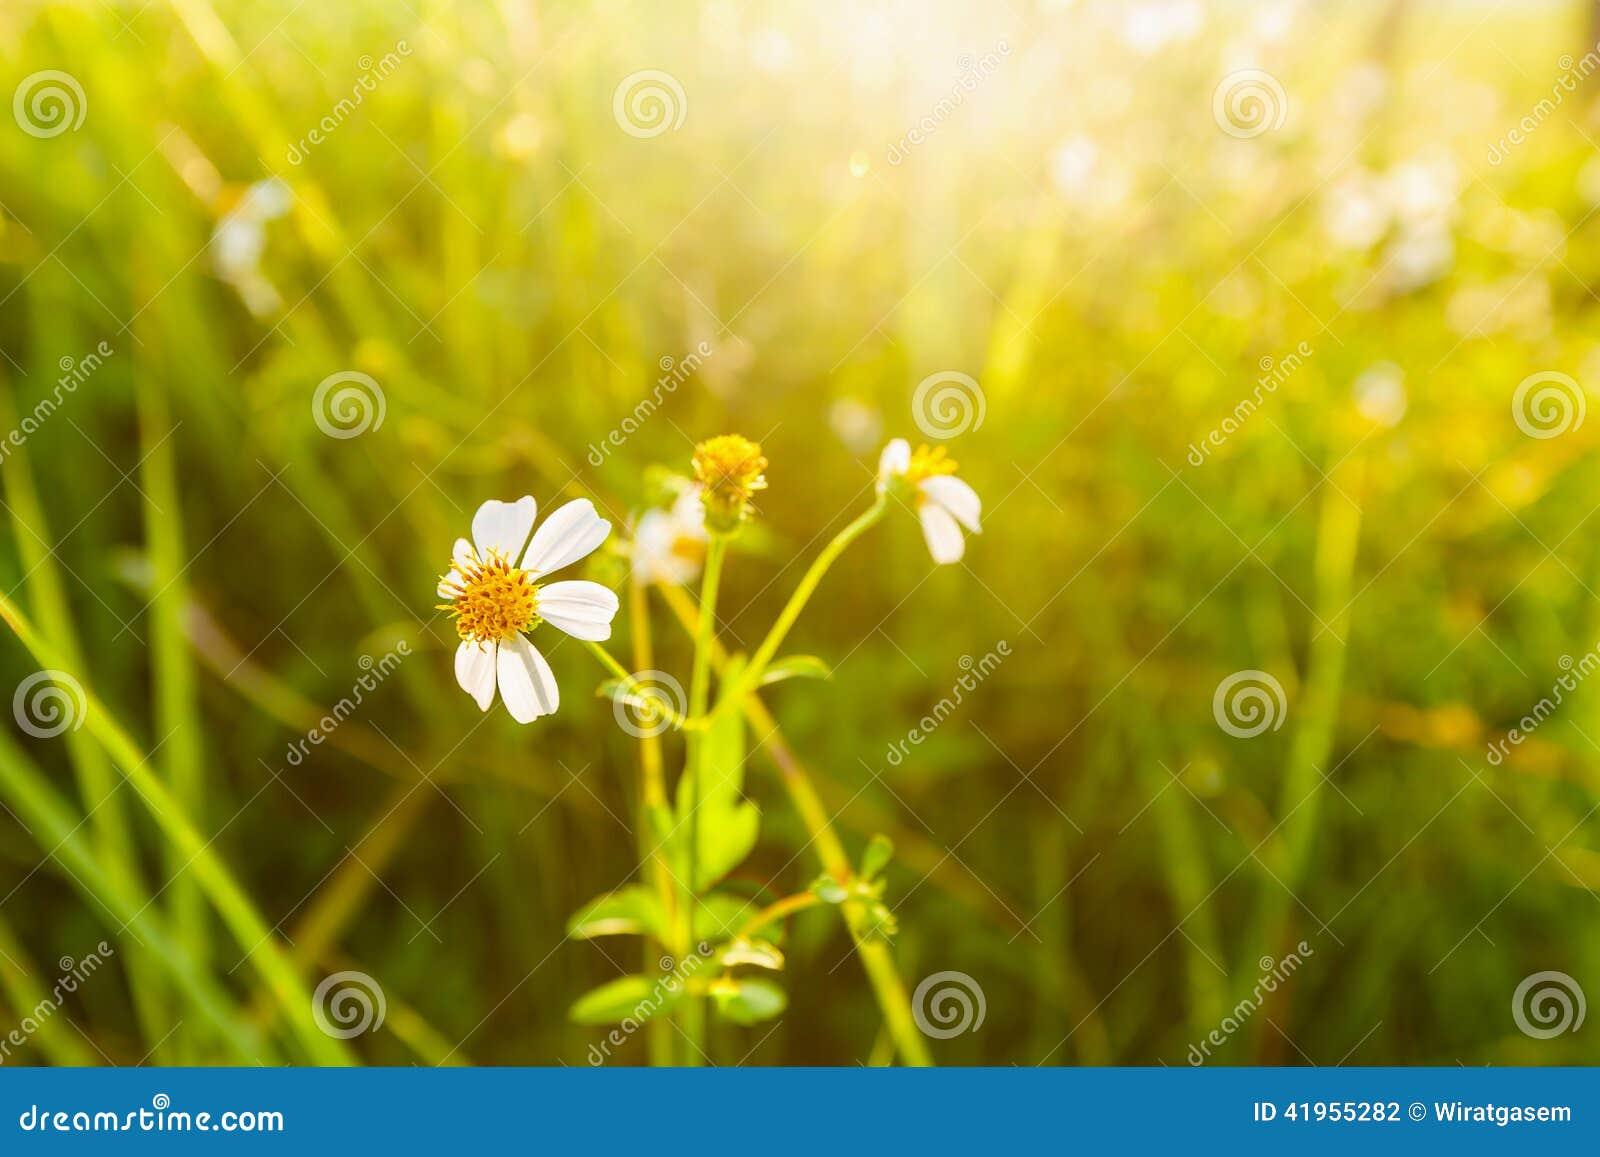 Dzikiej trawy kwiat